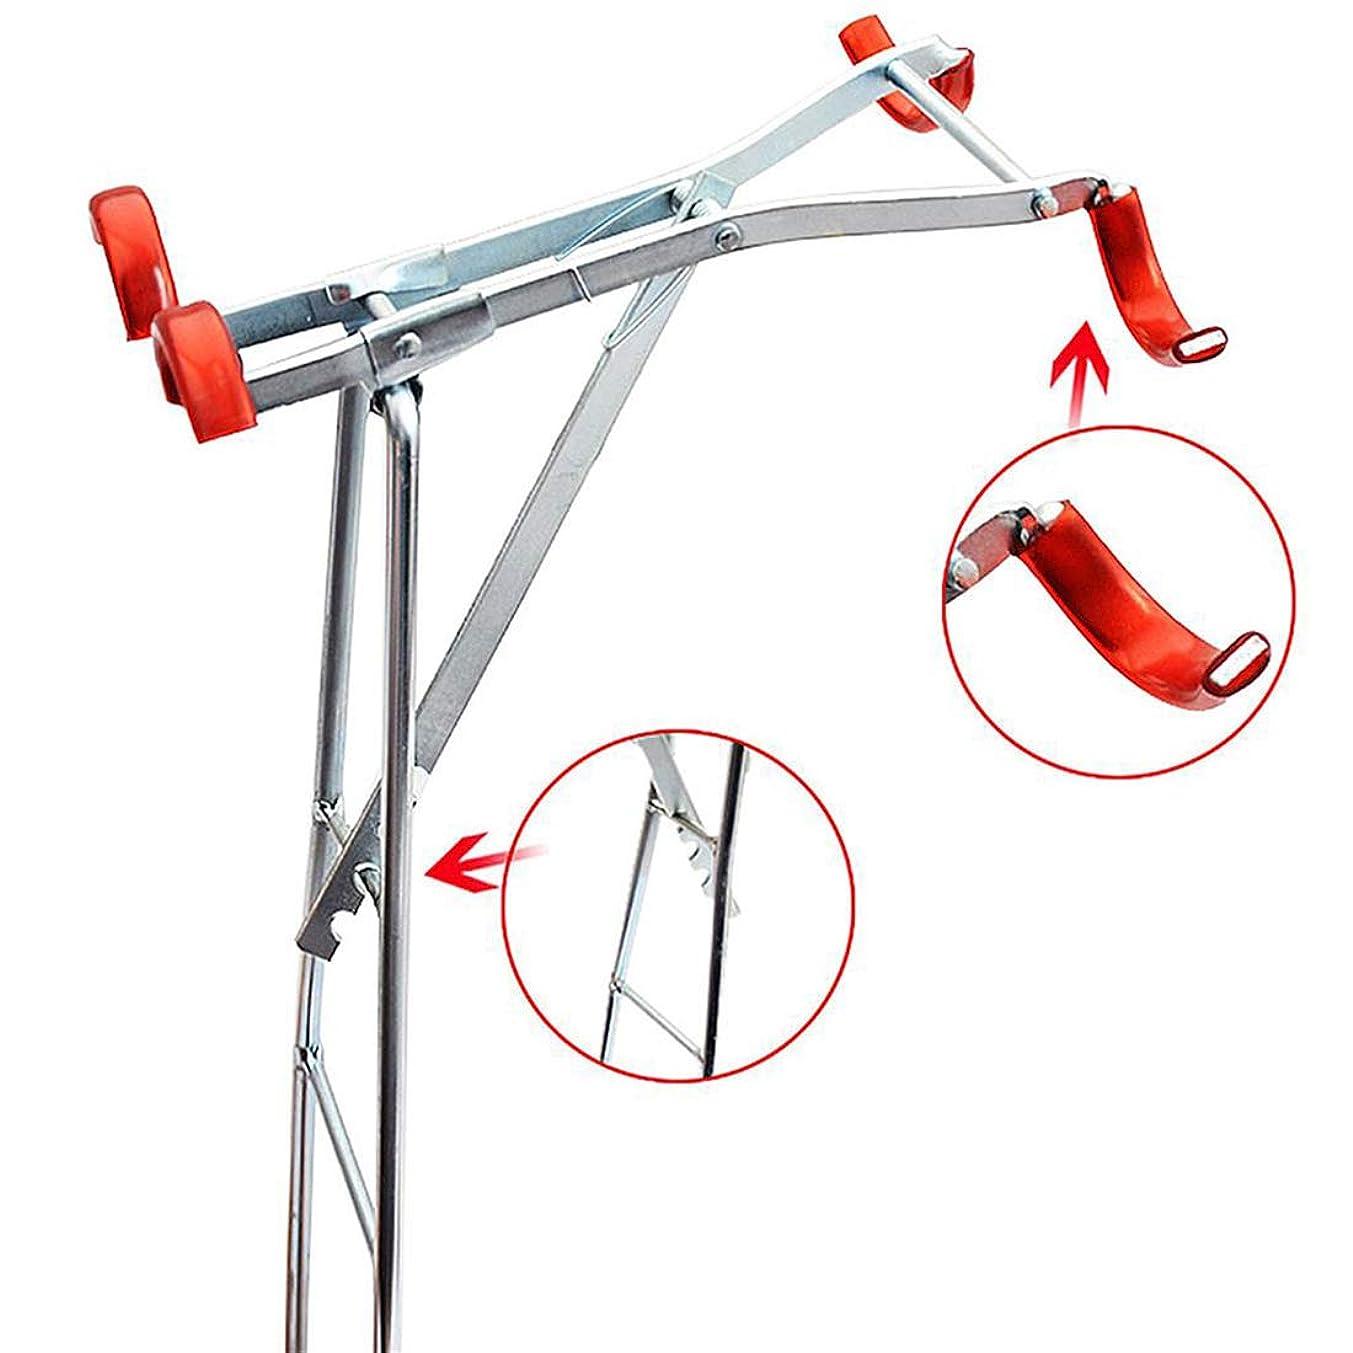 出発強い対話KLUMA 竿受け 竿置き 釣りロッドホルダー 安定 2本 回転防止 位置調節可能 折り畳み コンパクト 携帯